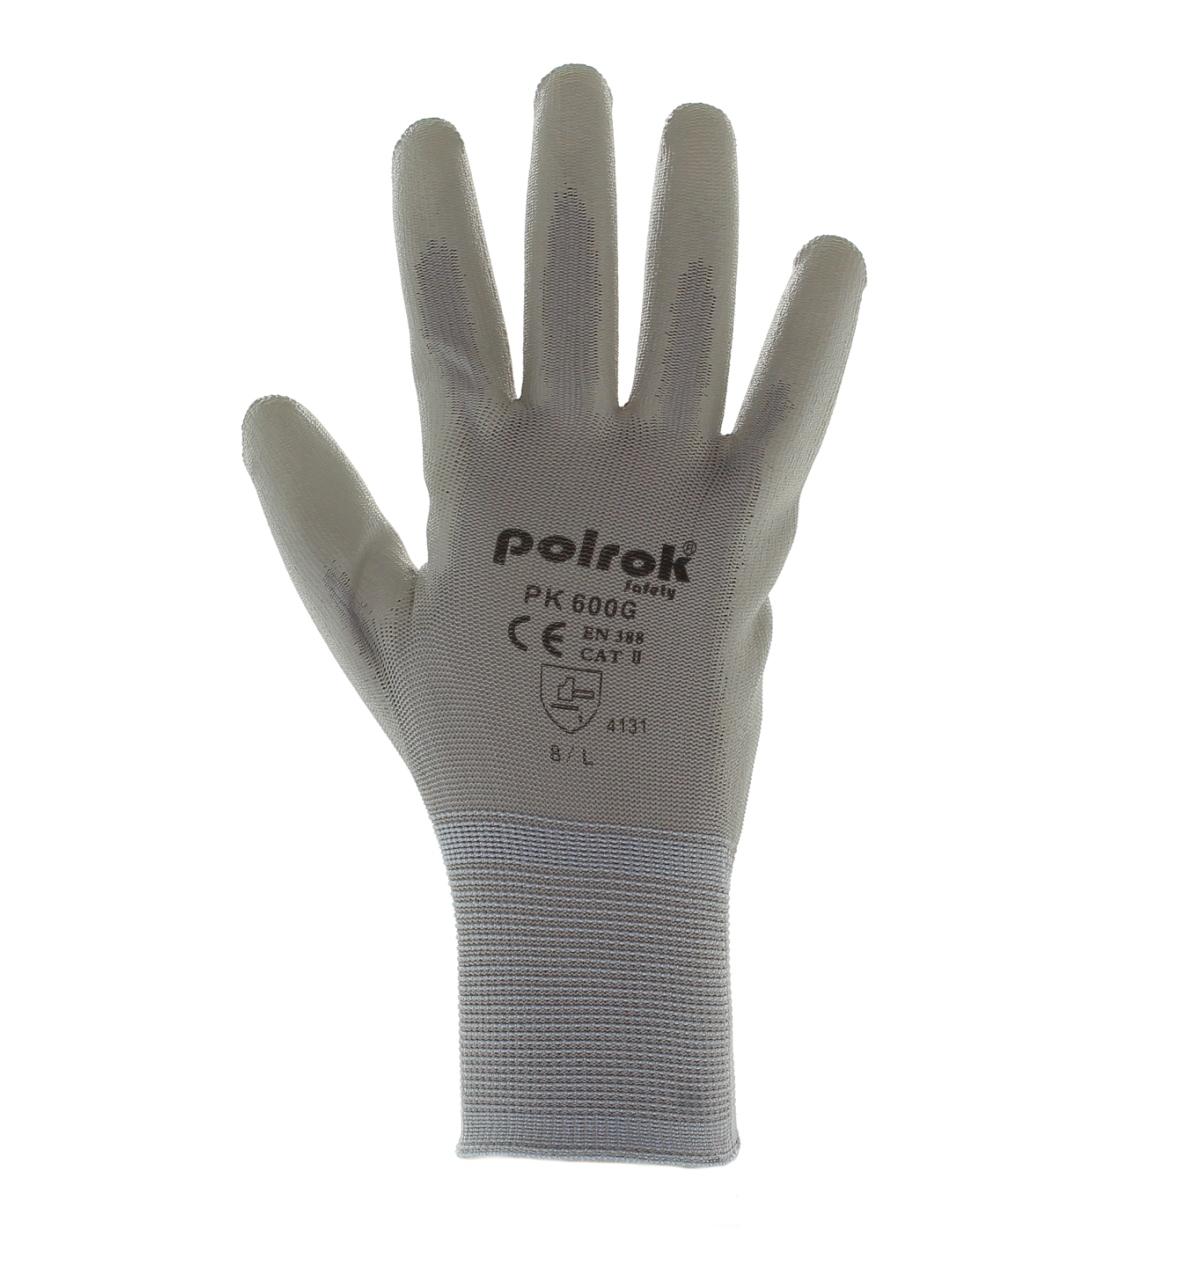 Handschuhe PK 600G